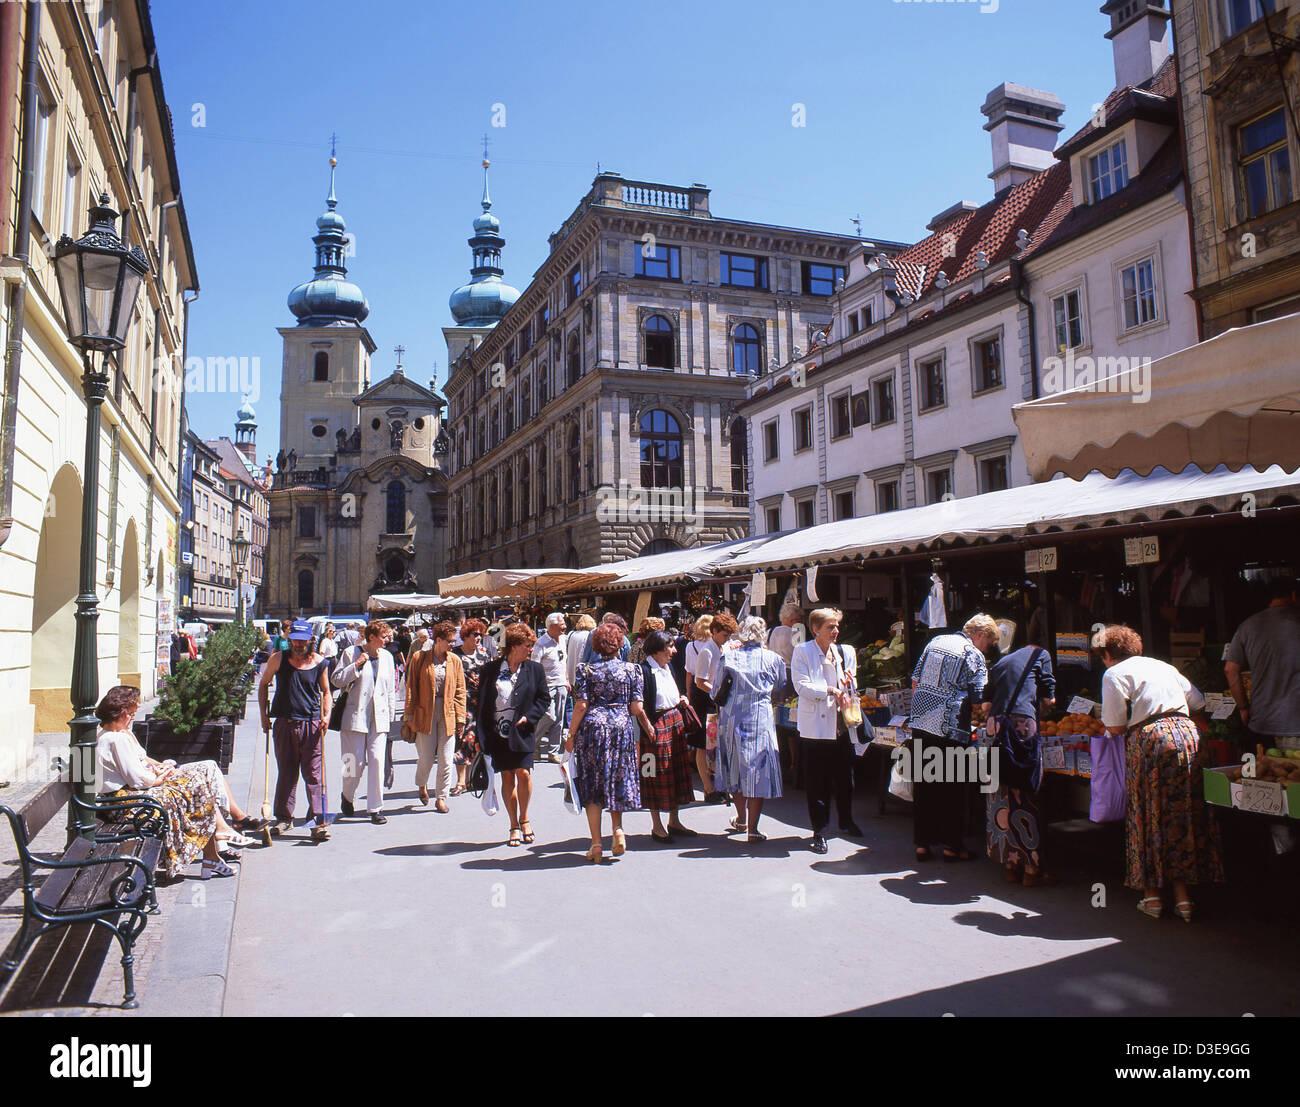 Marché de rue dans la vieille ville (Staré Město), Prague (Praha), Région de Prague, République Photo Stock